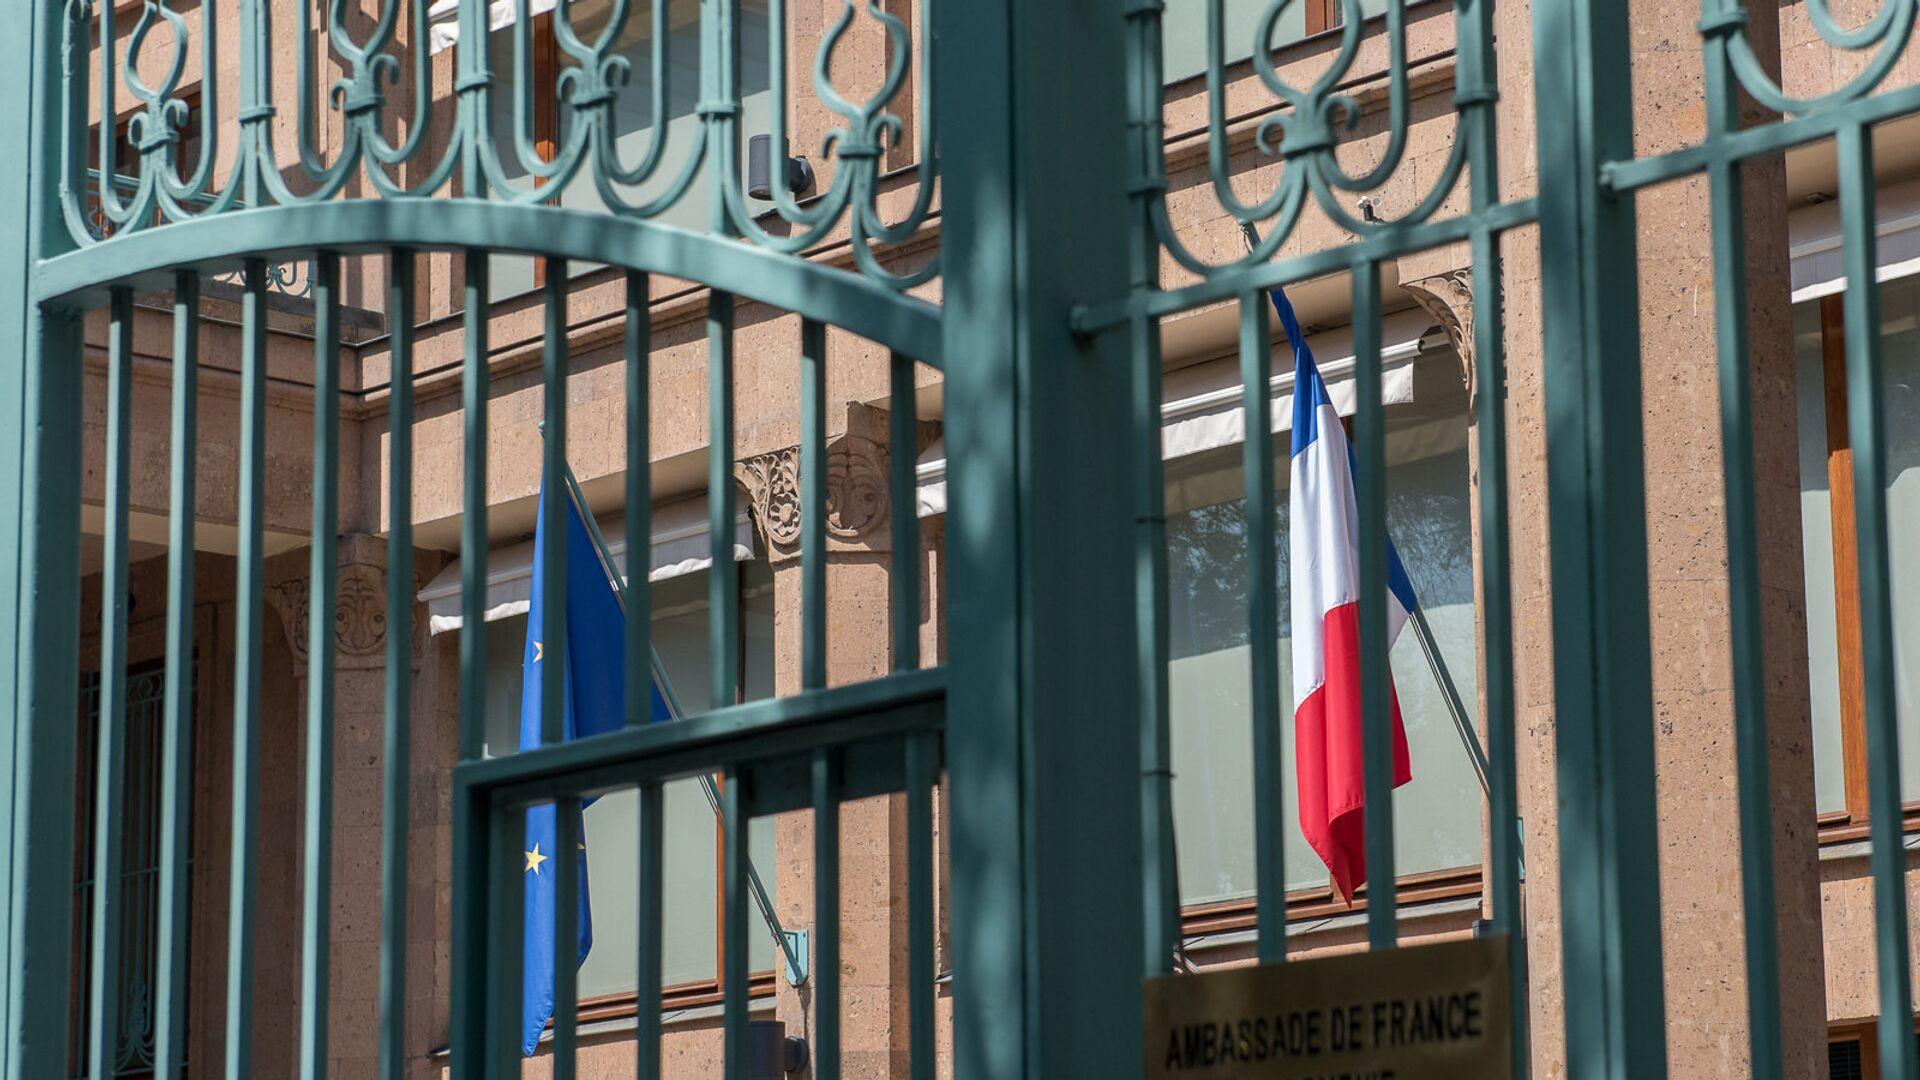 Հայաստանում Ֆրանսիայի դեսպանություն - Sputnik Արմենիա, 1920, 27.09.2021